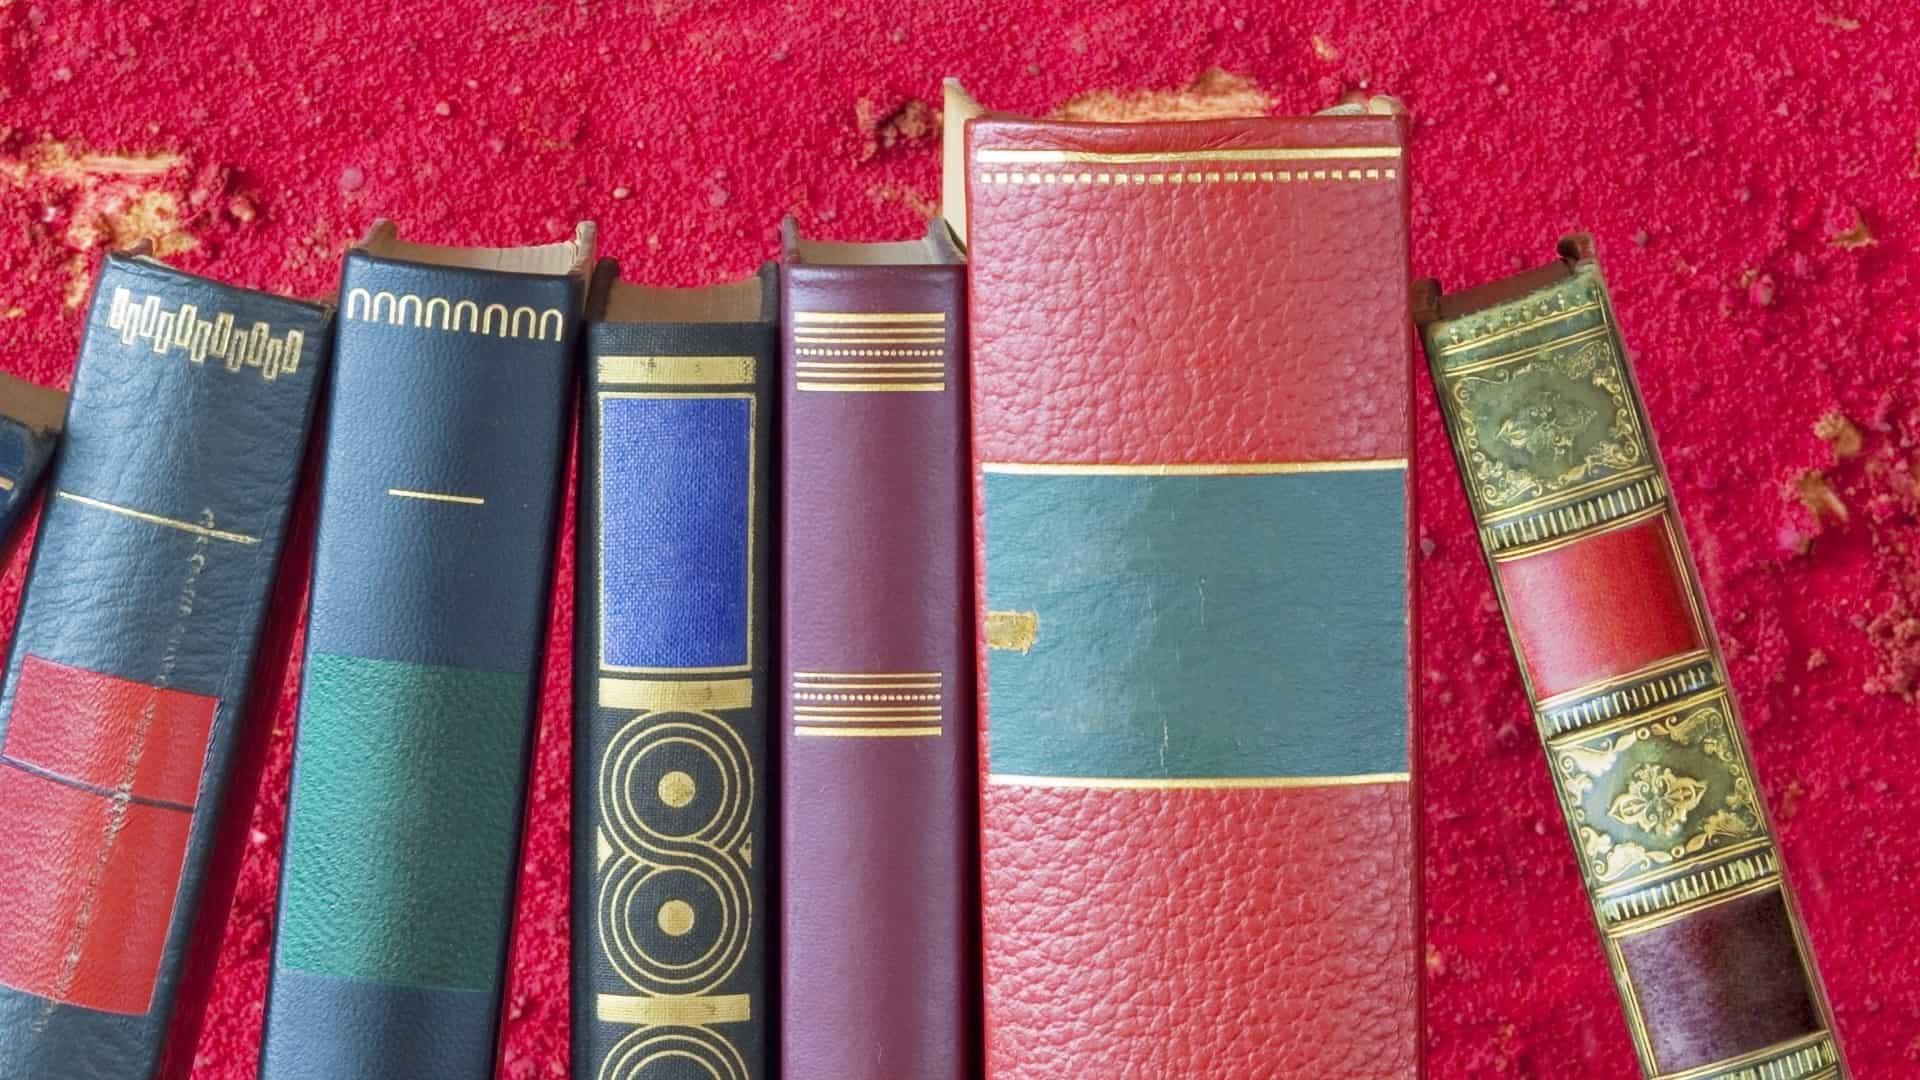 Migliori libri per ragazzi 2020: Guida all'acquisto